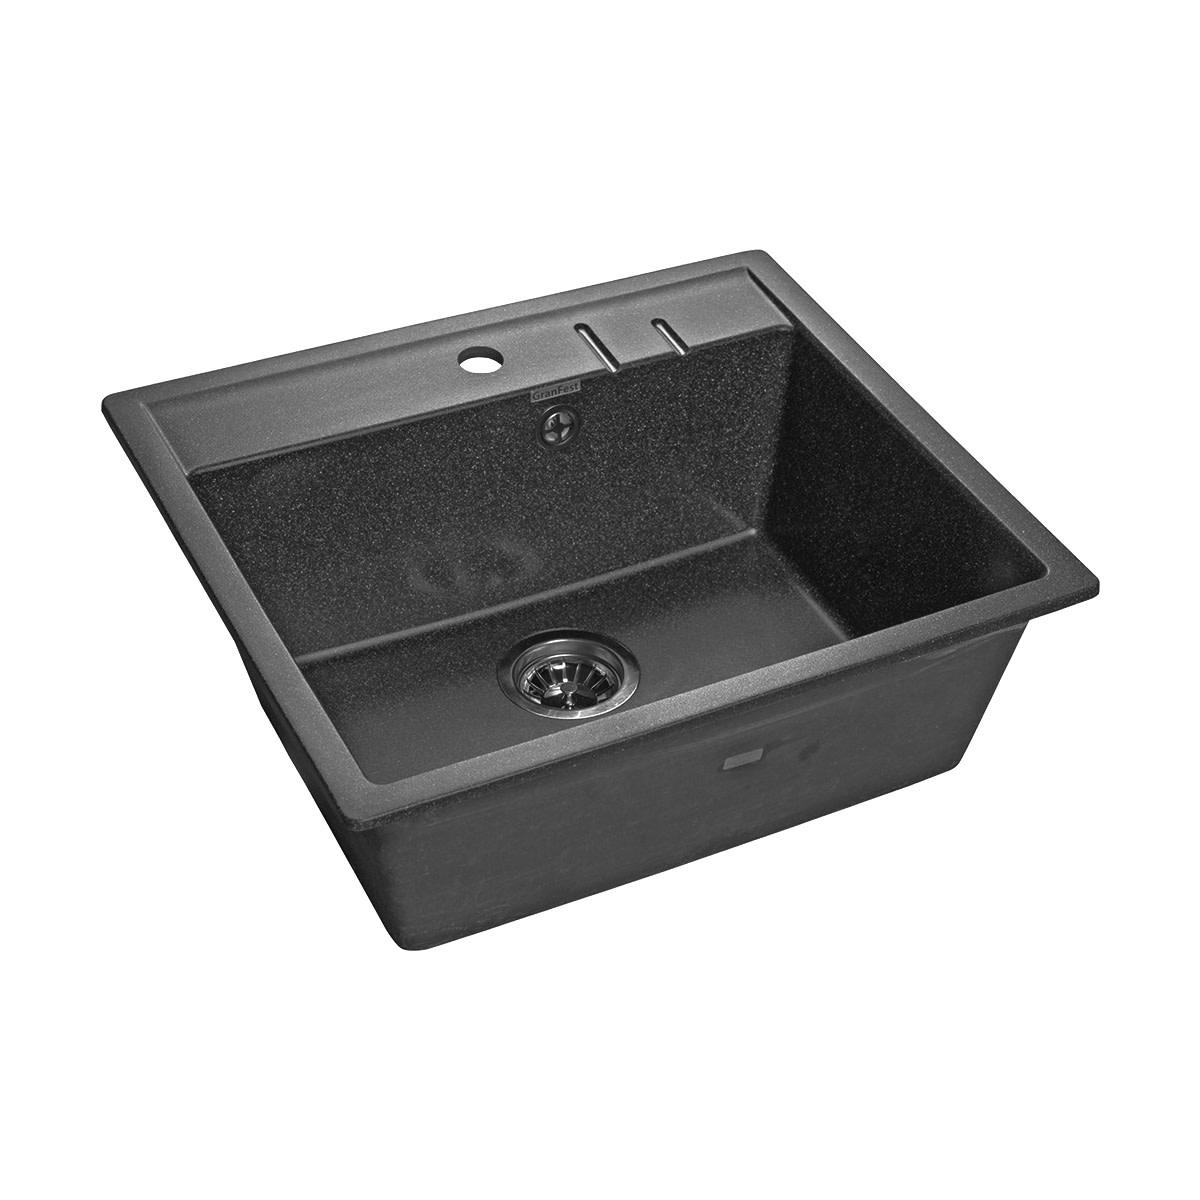 Кухонная мойка GranFest Q-560 QUADROQ-560 графит